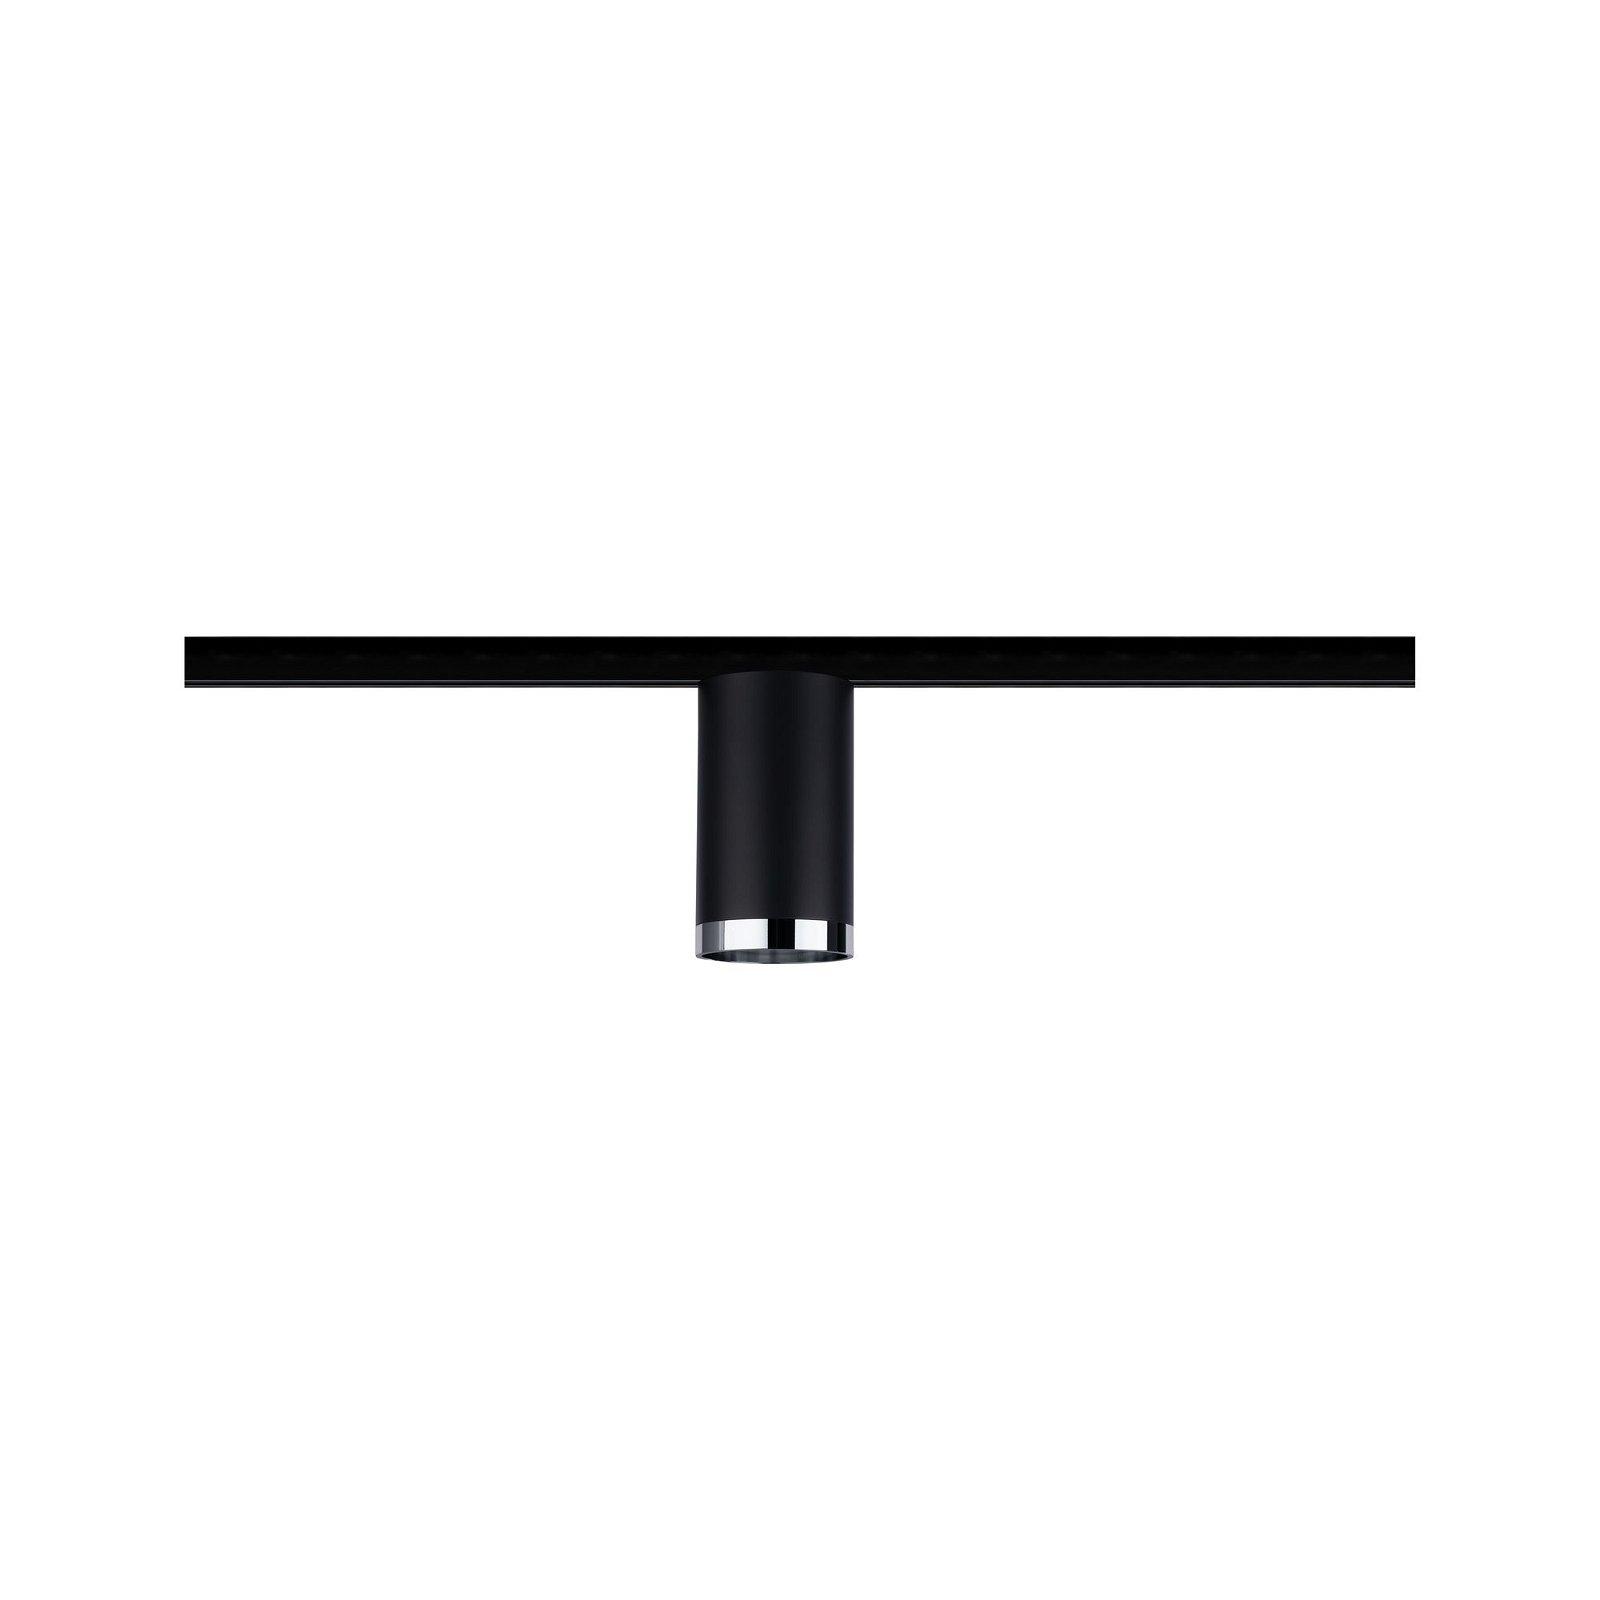 URail Schienenspot Tube GU10 max. 10W 230V Schwarz matt/Chrom